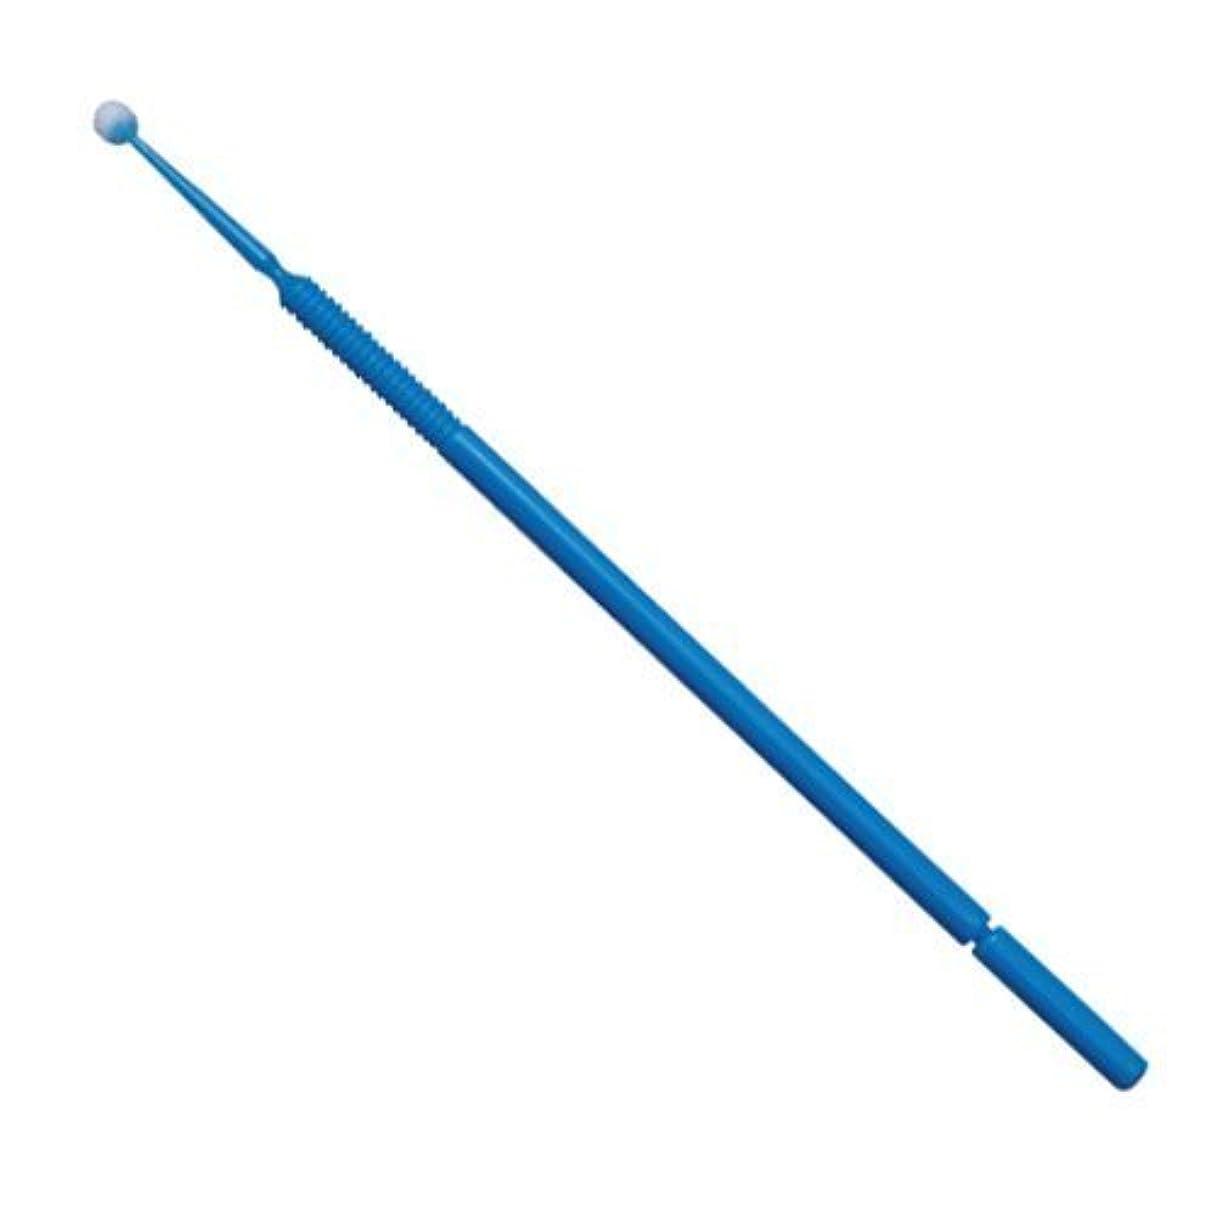 傷つきやすい暖かくアブストラクトマイクロアプリケーター(マイクロブラシ) レギュラー:φ2.0mm、ブルー/ 1箱100本